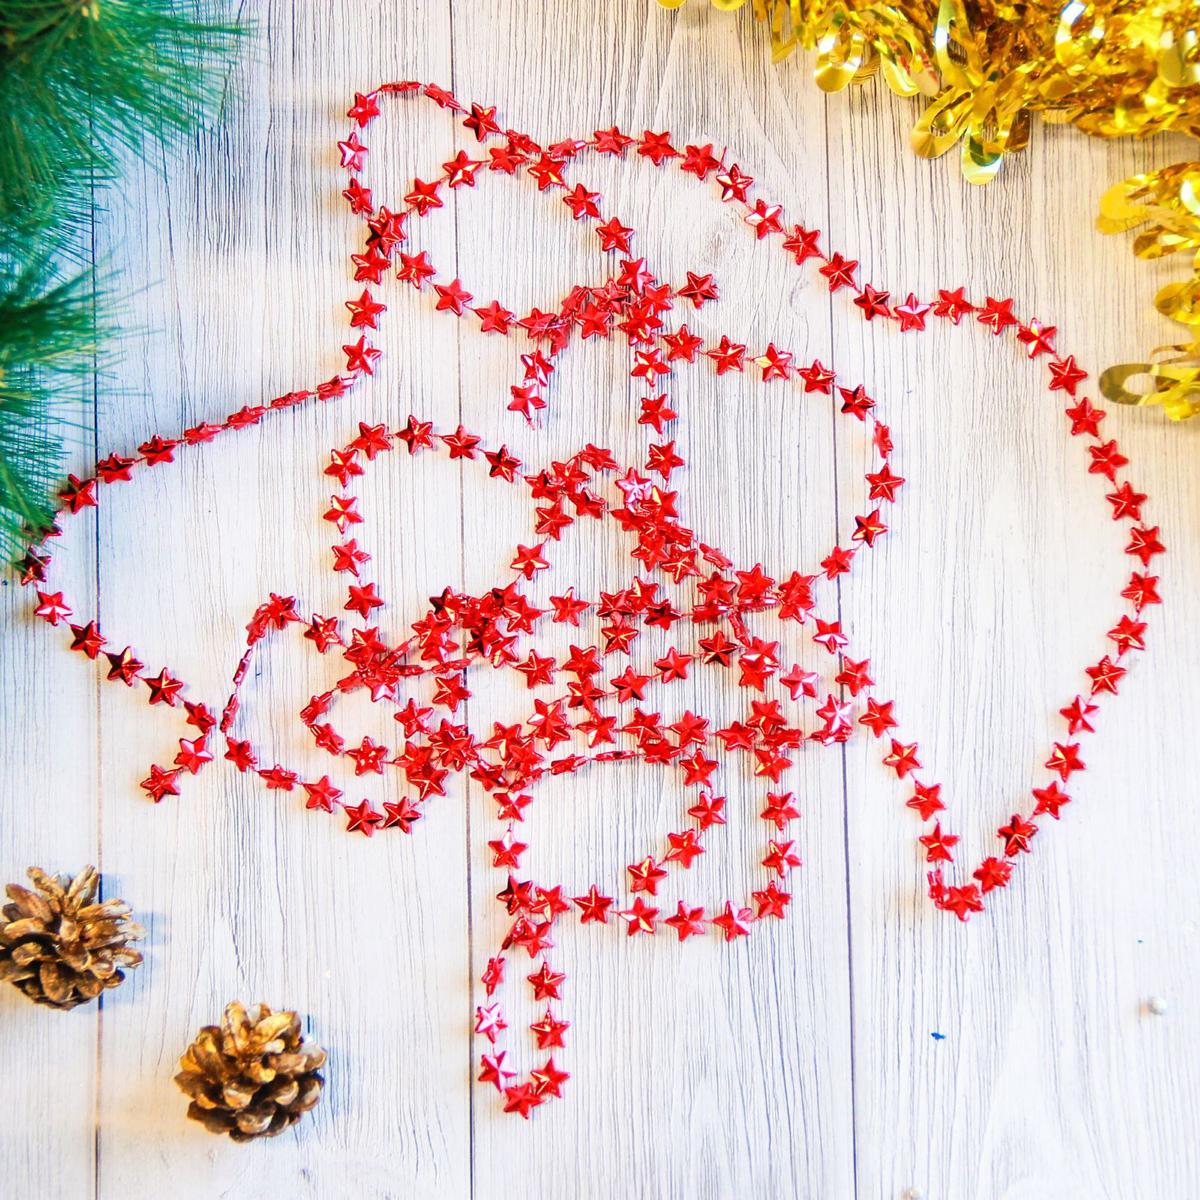 Бусы на елку Звезды, цвет: красный, диаметр 0,9 см, длина 2,7 м2371381Невозможно представить нашу жизнь без праздников! Мы всегда ждем их и предвкушаем, обдумываем, как проведем памятный день, тщательно выбираем подарки и аксессуары, ведь именно они создают и поддерживают торжественный настрой. Это отличный выбор, который привнесет атмосферу праздника в ваш дом!